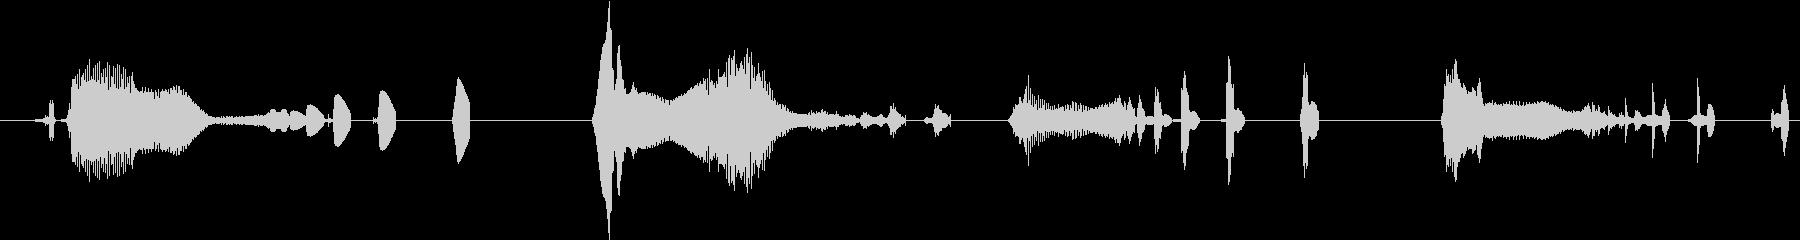 イメージ 言葉のノイズ04の未再生の波形